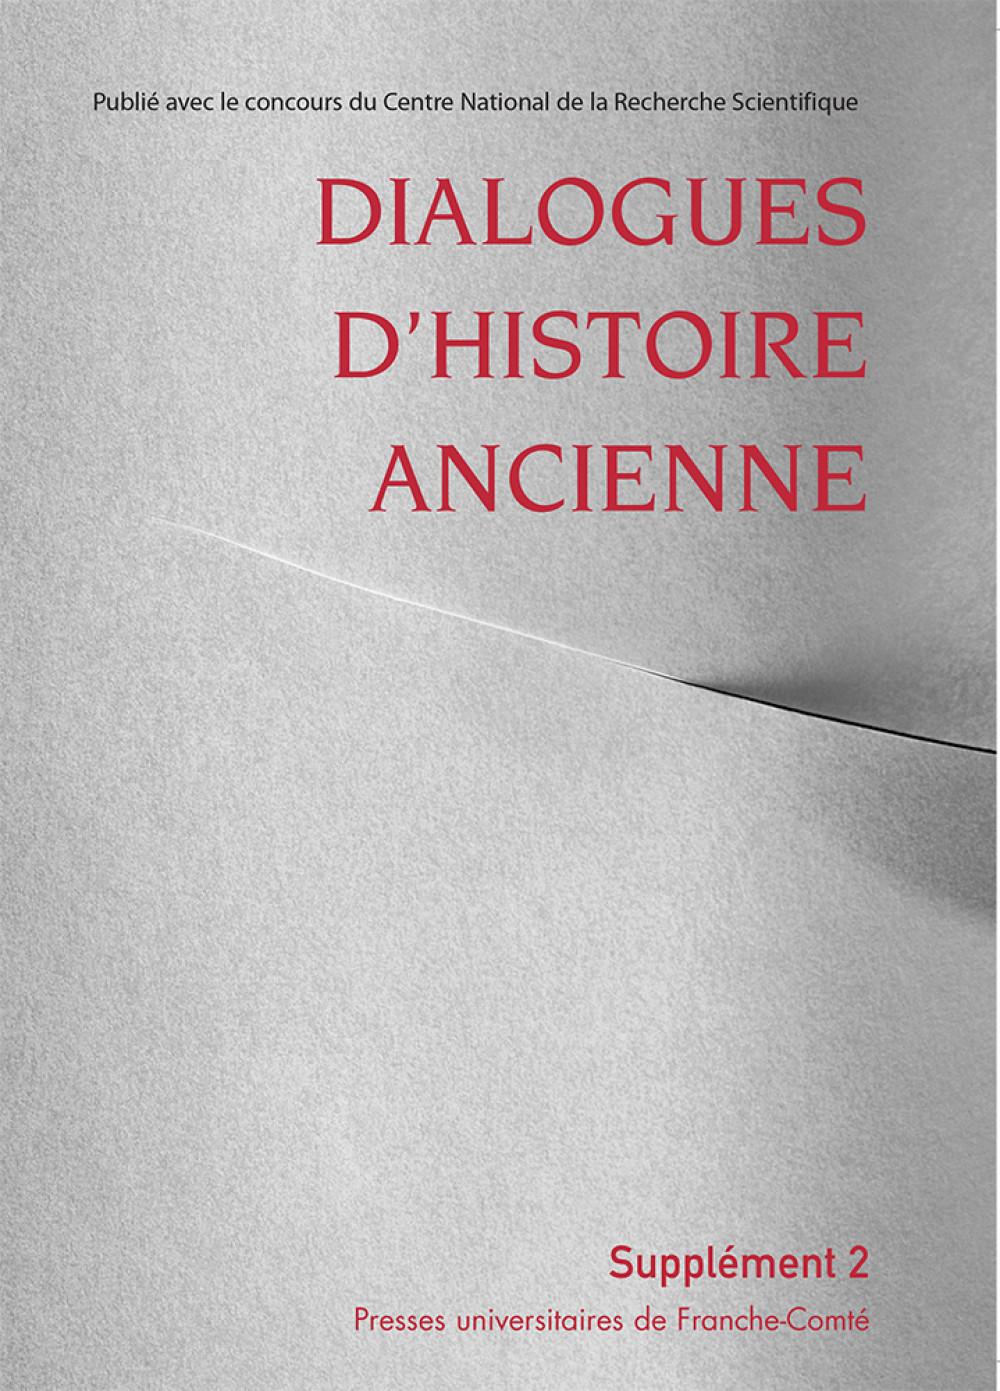 Dialogues d'Histoire Ancienne, supplément 2